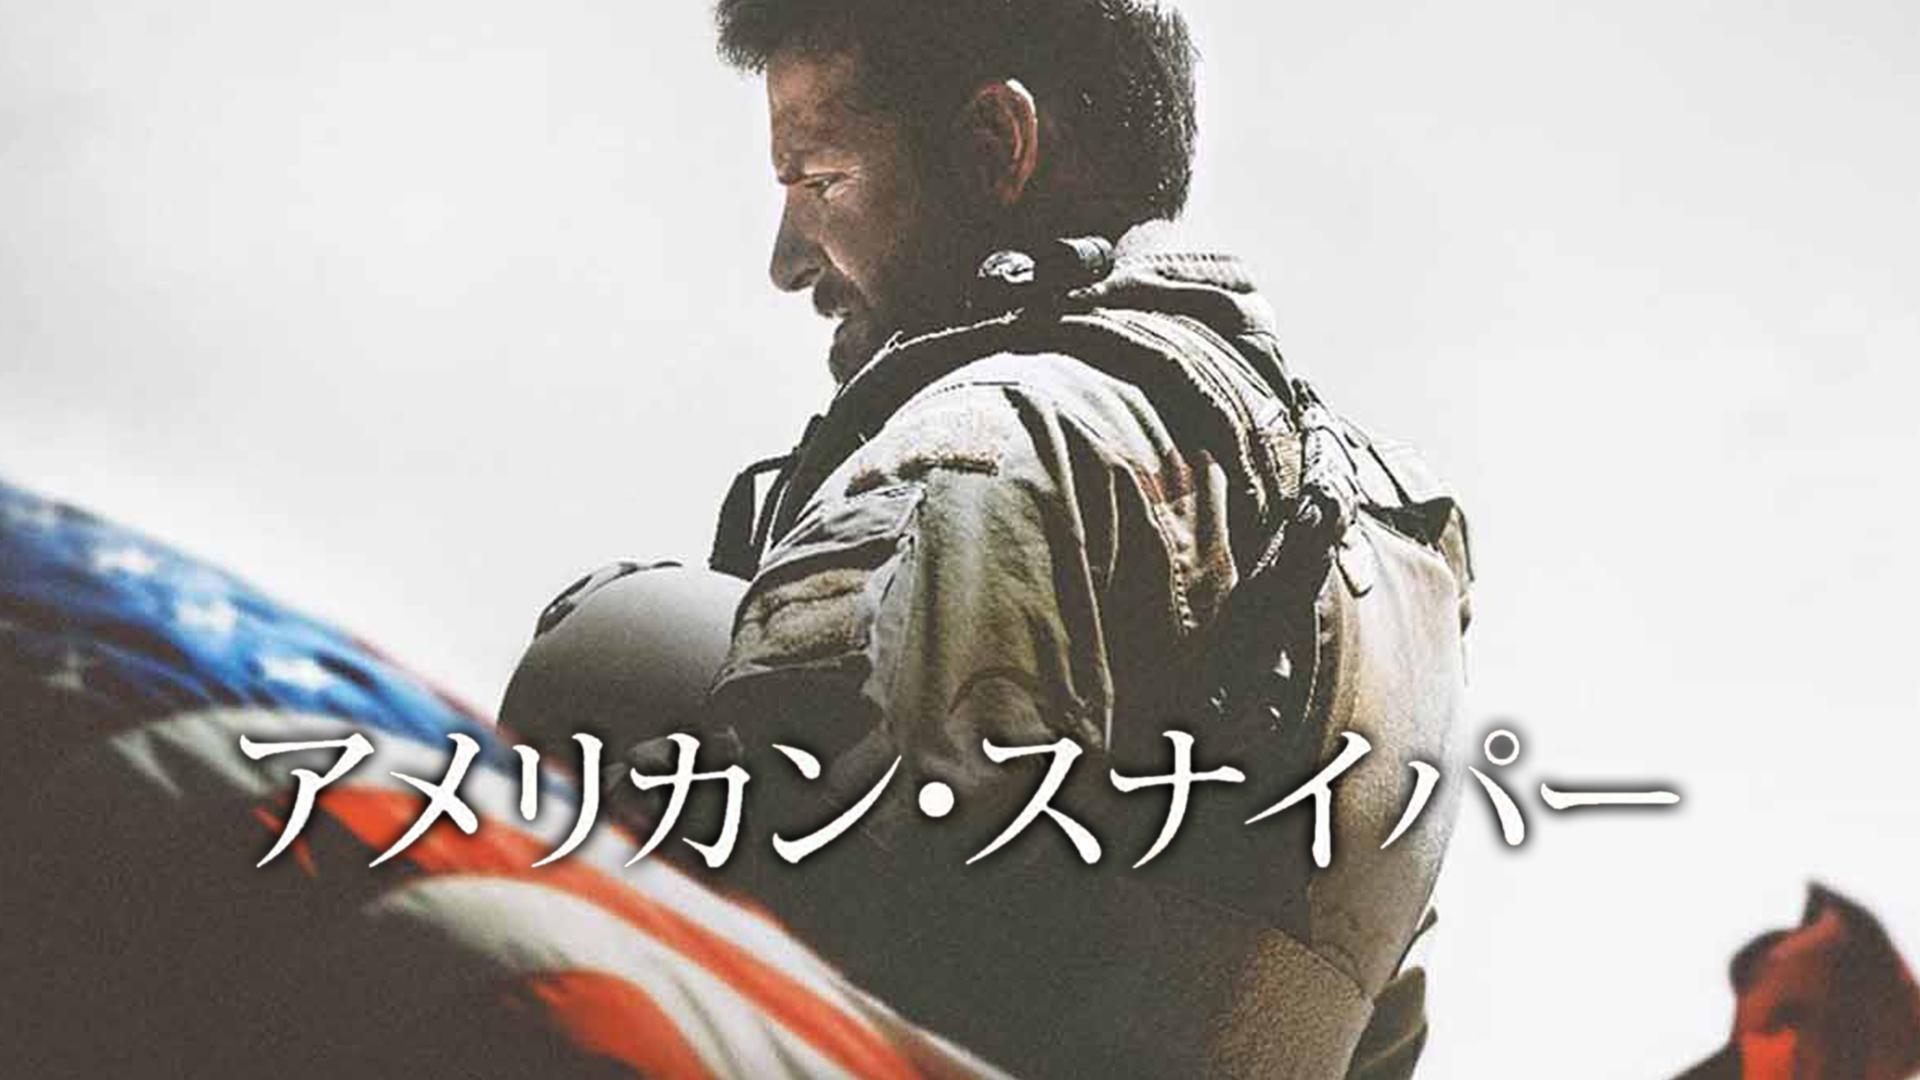 アメリカン・スナイパー(字幕版)